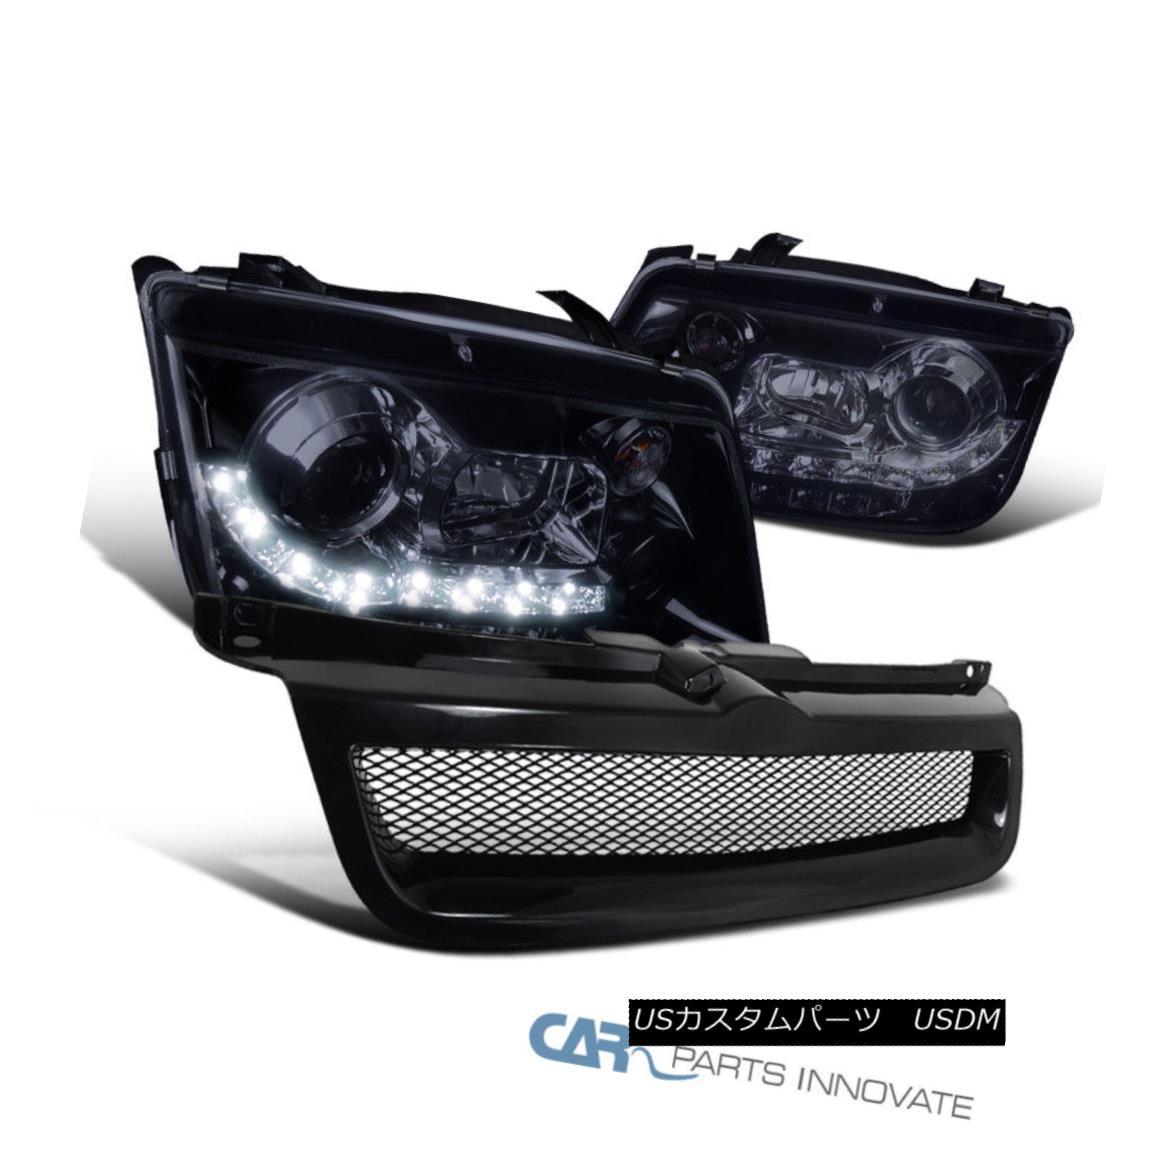 グリル Glossy Black Fit 99-04 Jetta Mk4 LED DRL Projector Headlights+ABS Hood Grille 光沢ブラックフィット99-04ジェッタMk4 LED DRLプロジェクターヘッドライト+ ABSフードグリル